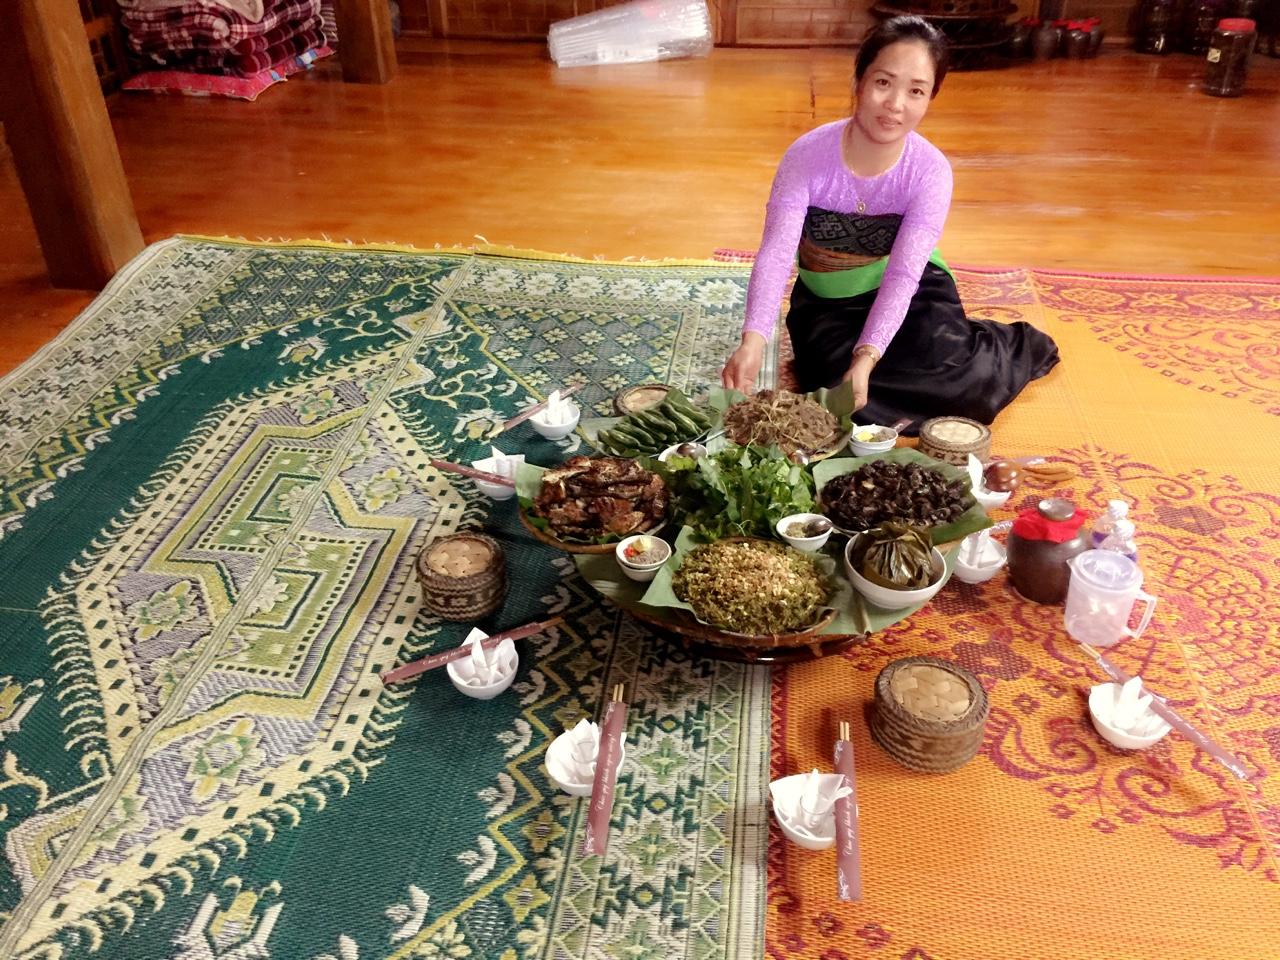 Những món ăn dân tộc truyền thống luôn được chị Nhung cầu kỳ trong chế biến và trình bày